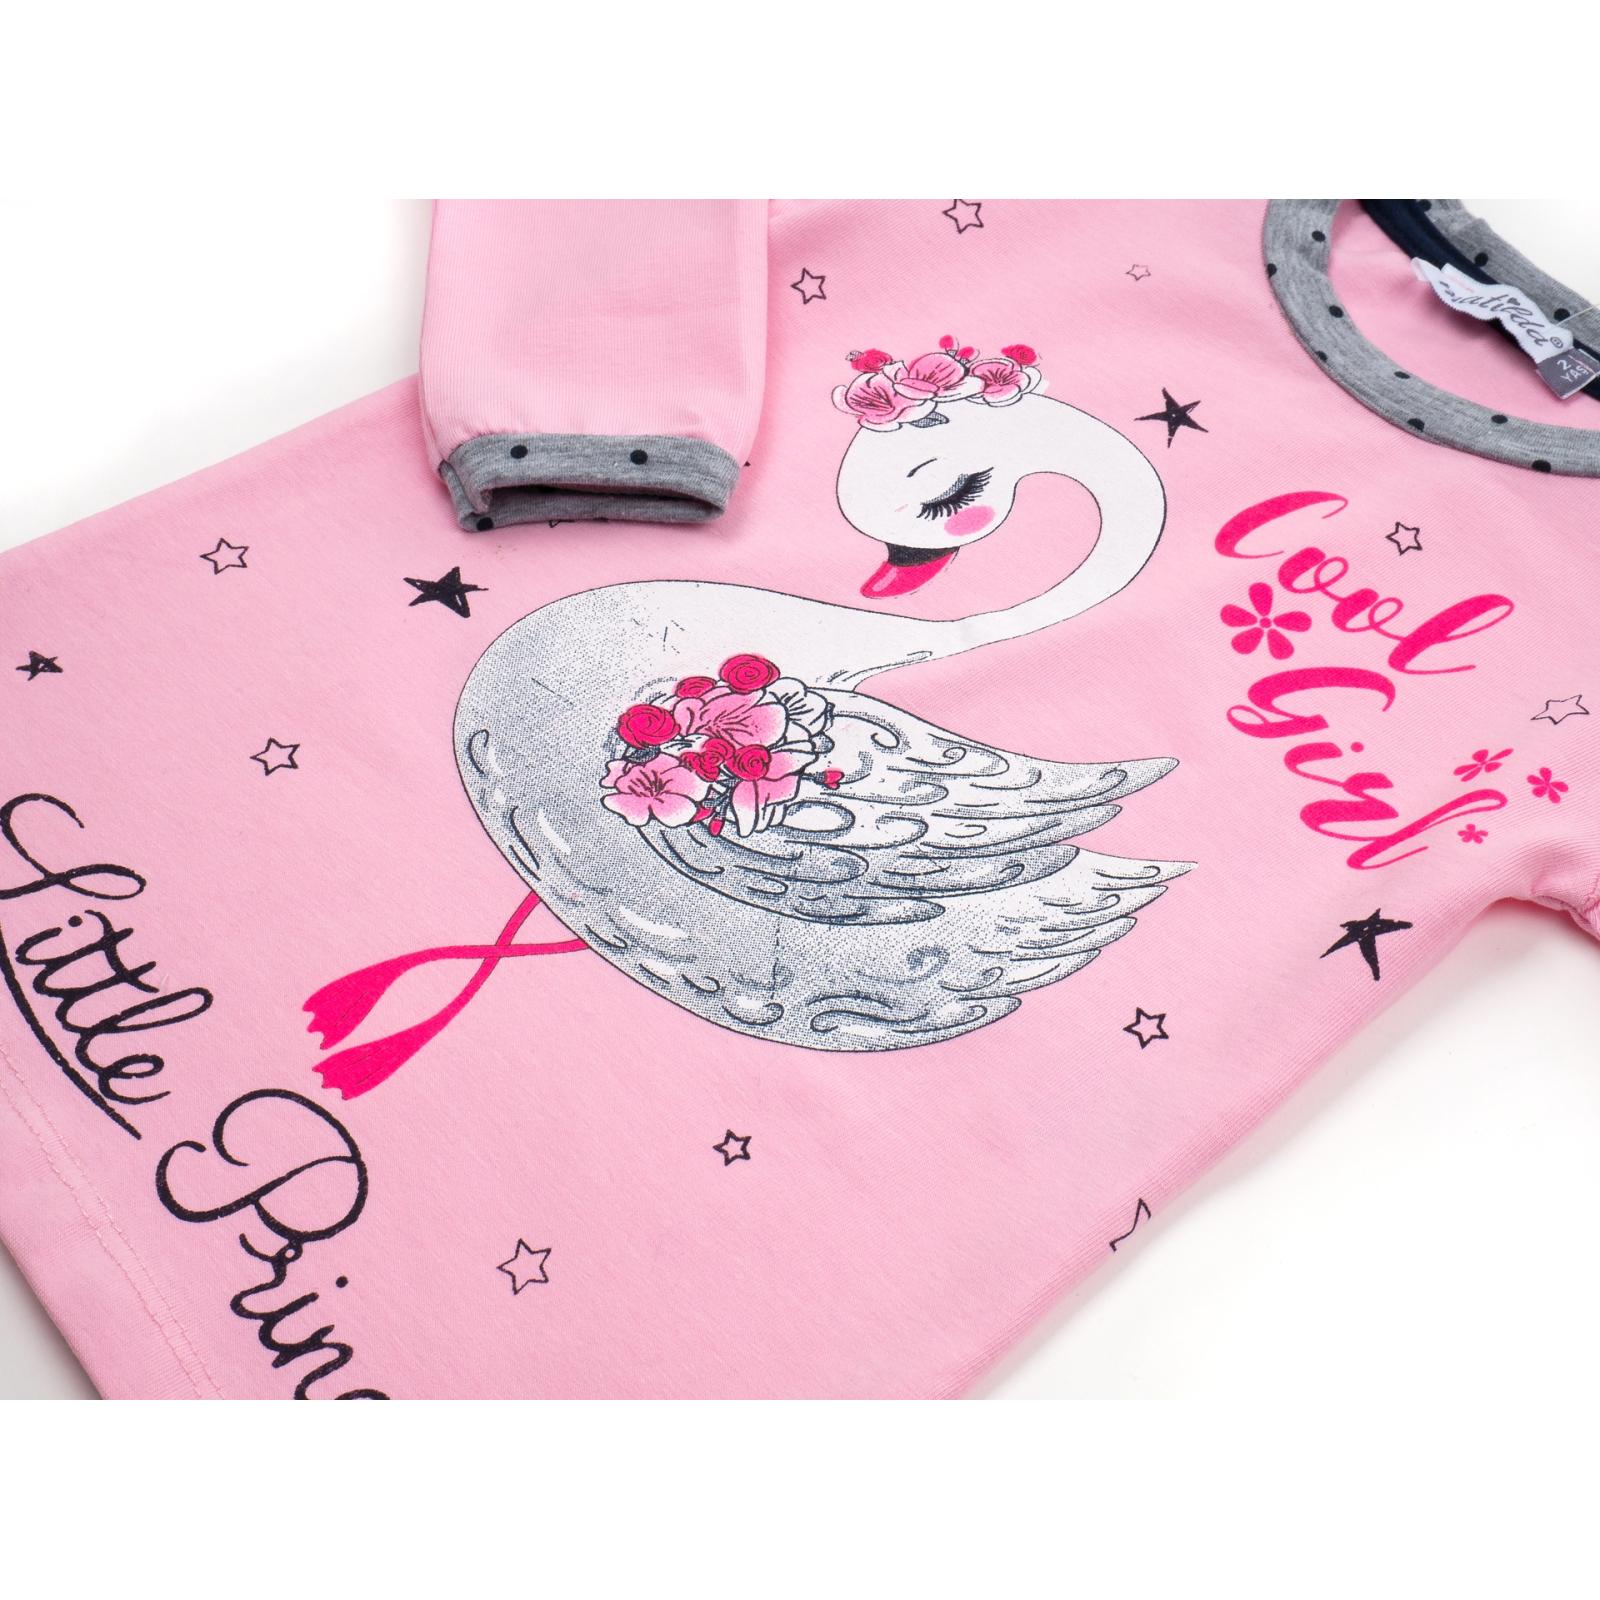 Пижама Matilda с лебедем (10939-2-92G-pink) изображение 7